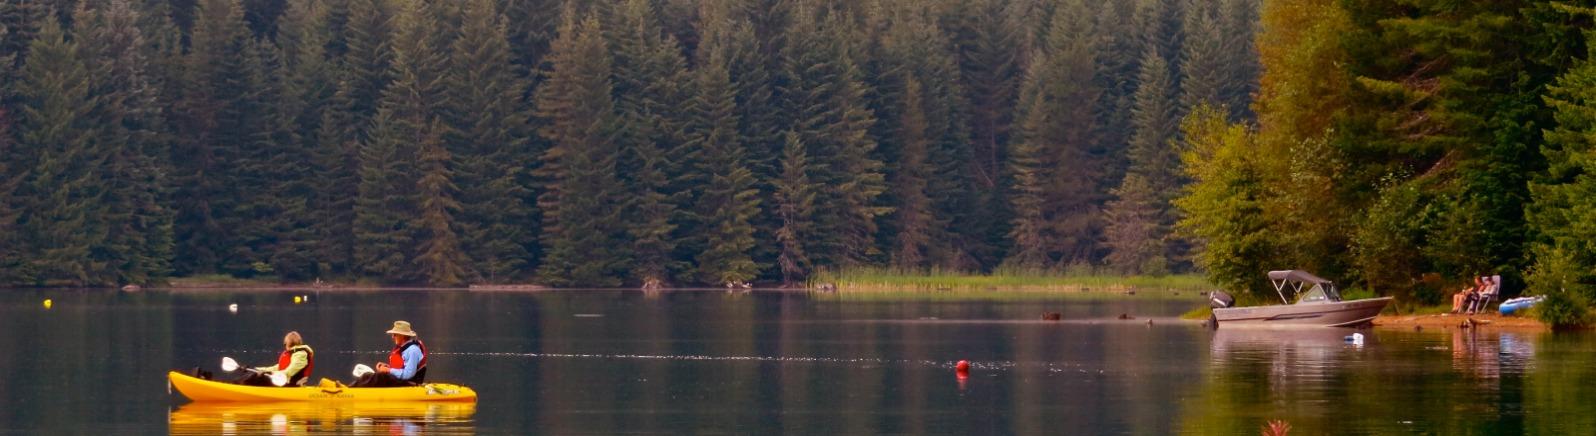 Timothy Lake, Kayakers